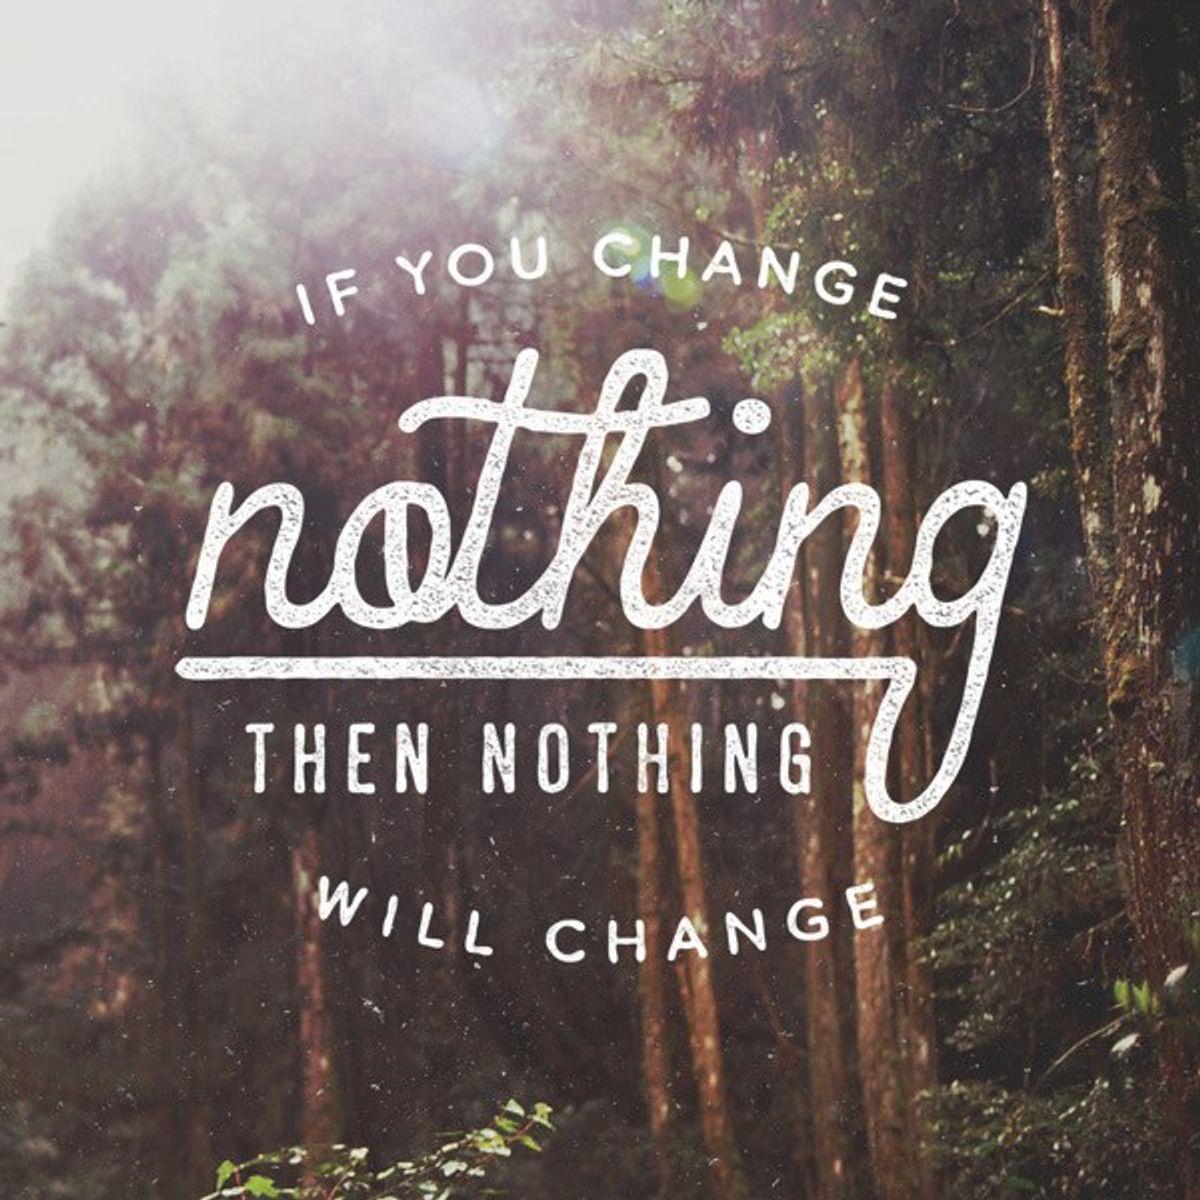 Why Change is Okay